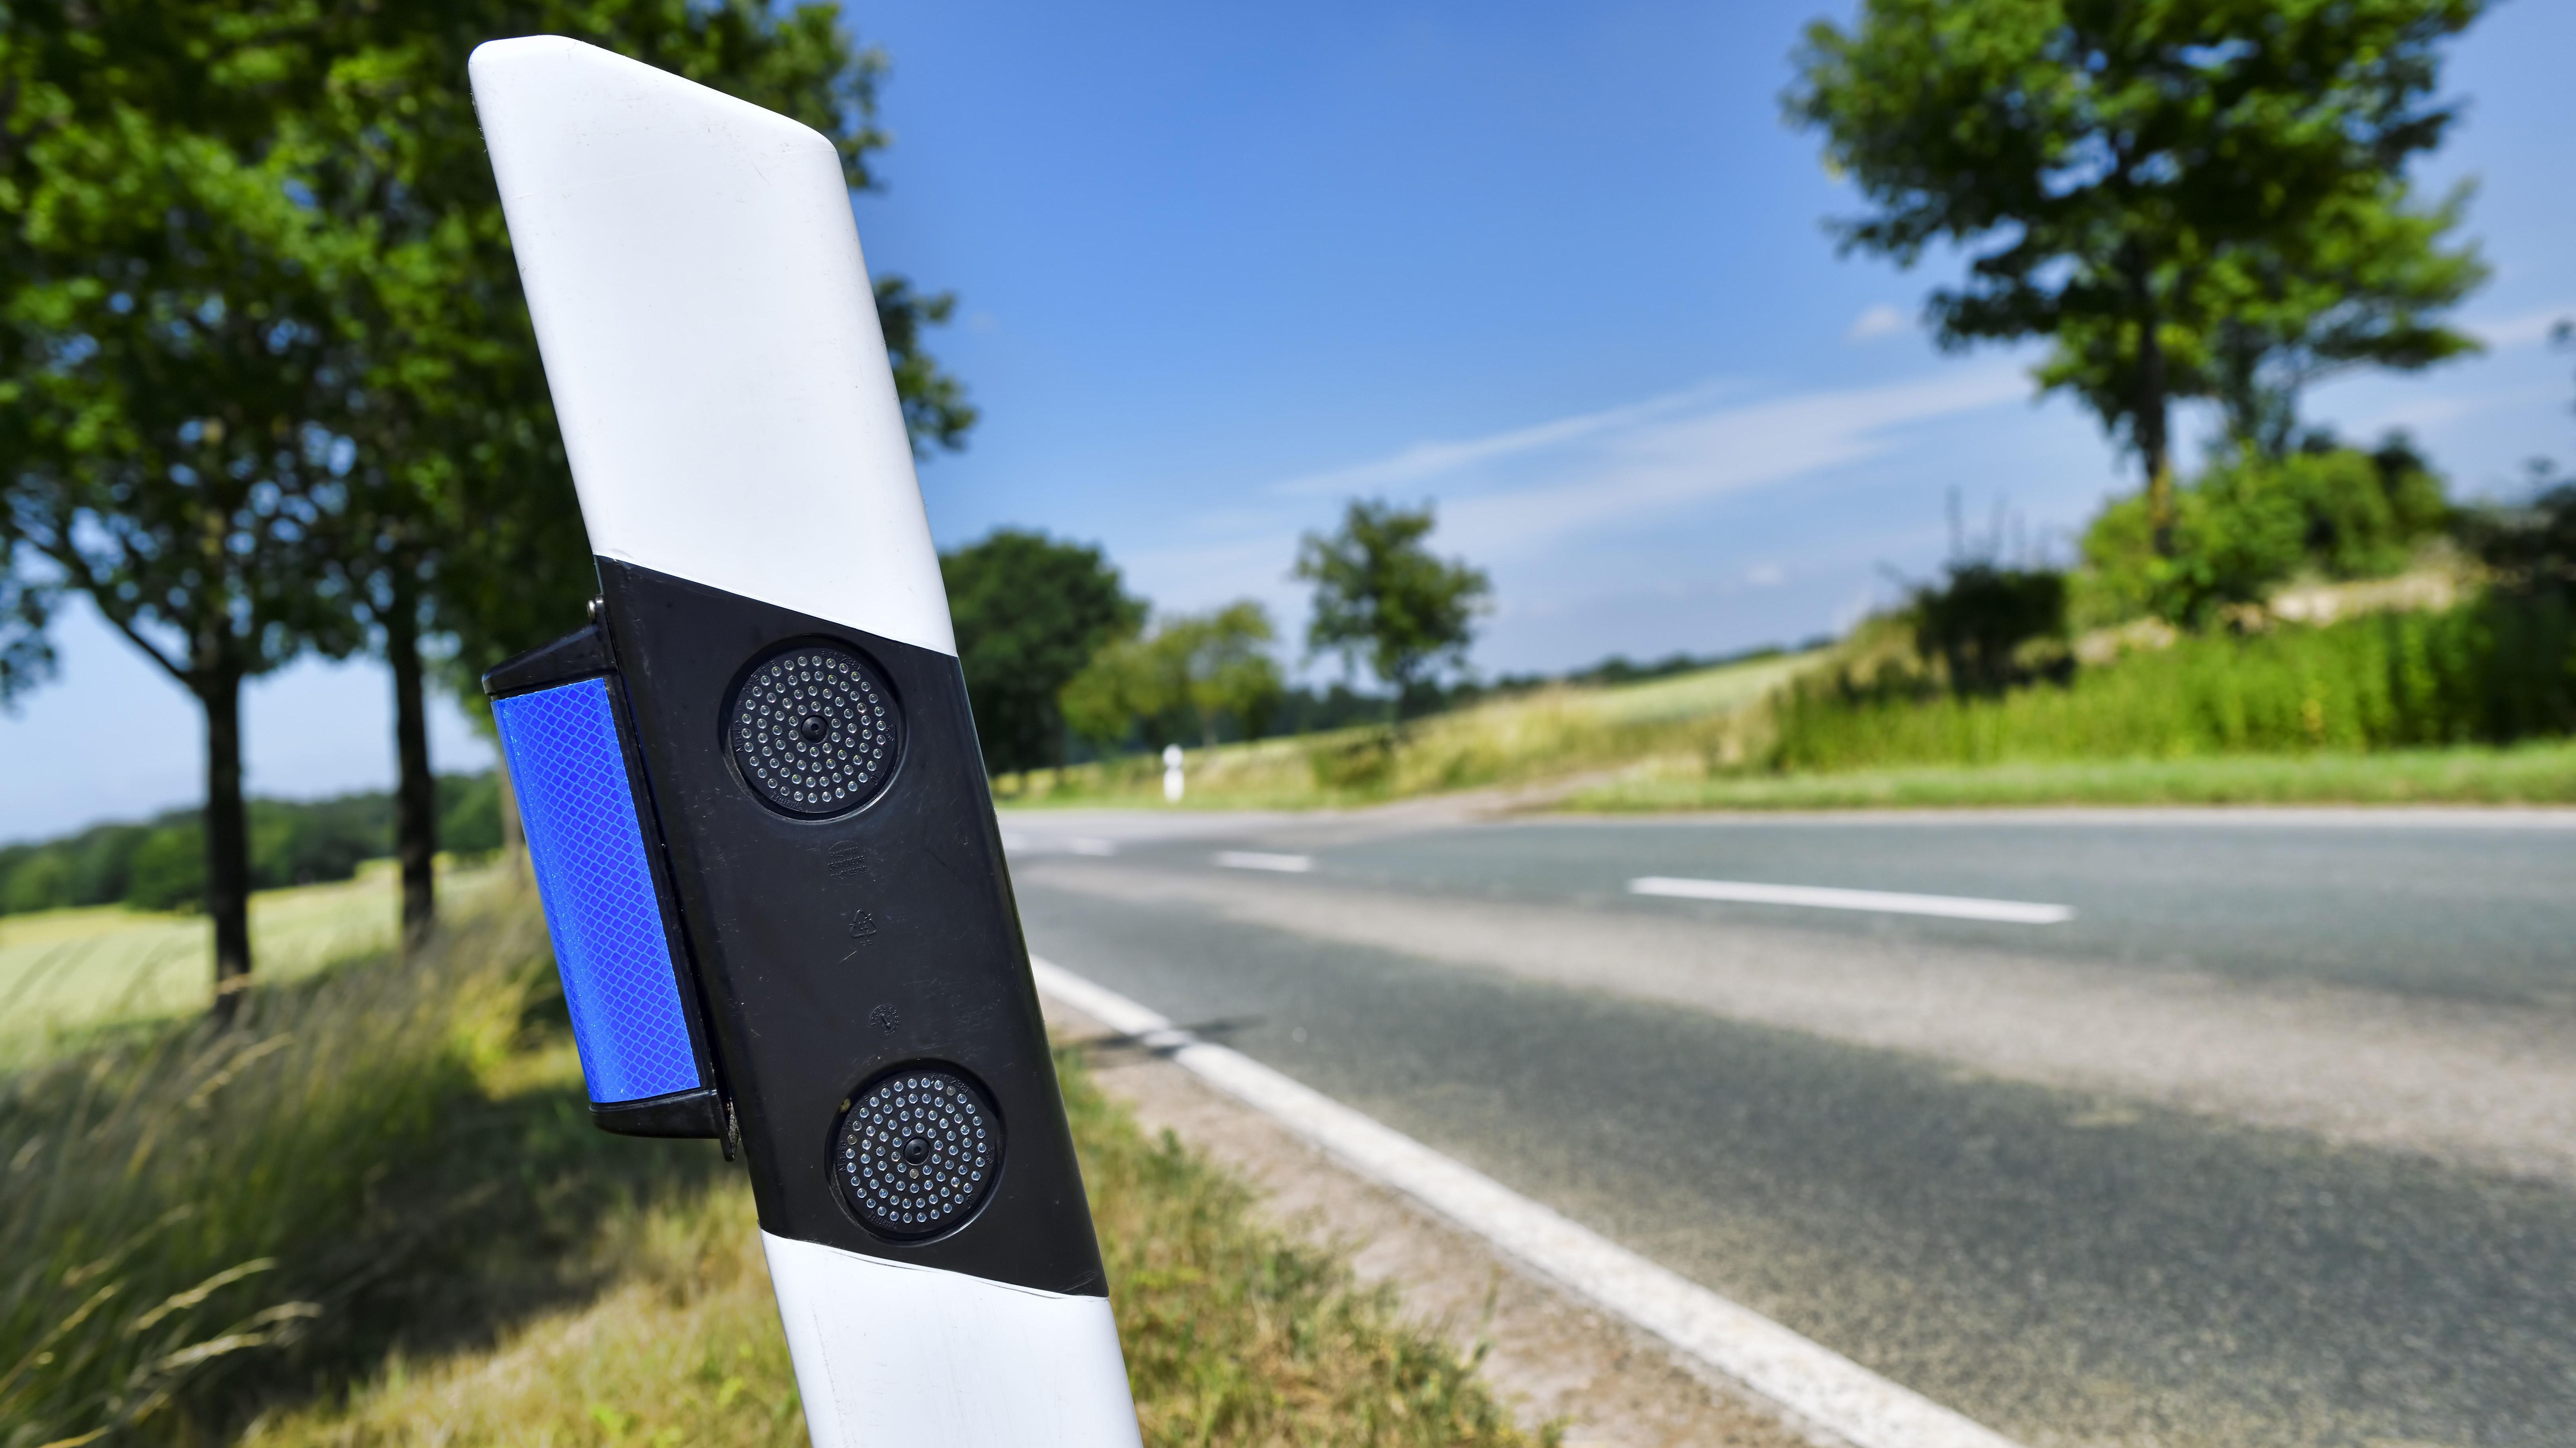 Blaue Reflektoren an Straßenbegrenzungspfosten sollen das Wild davon abhalten, auf die Straße zu laufen.